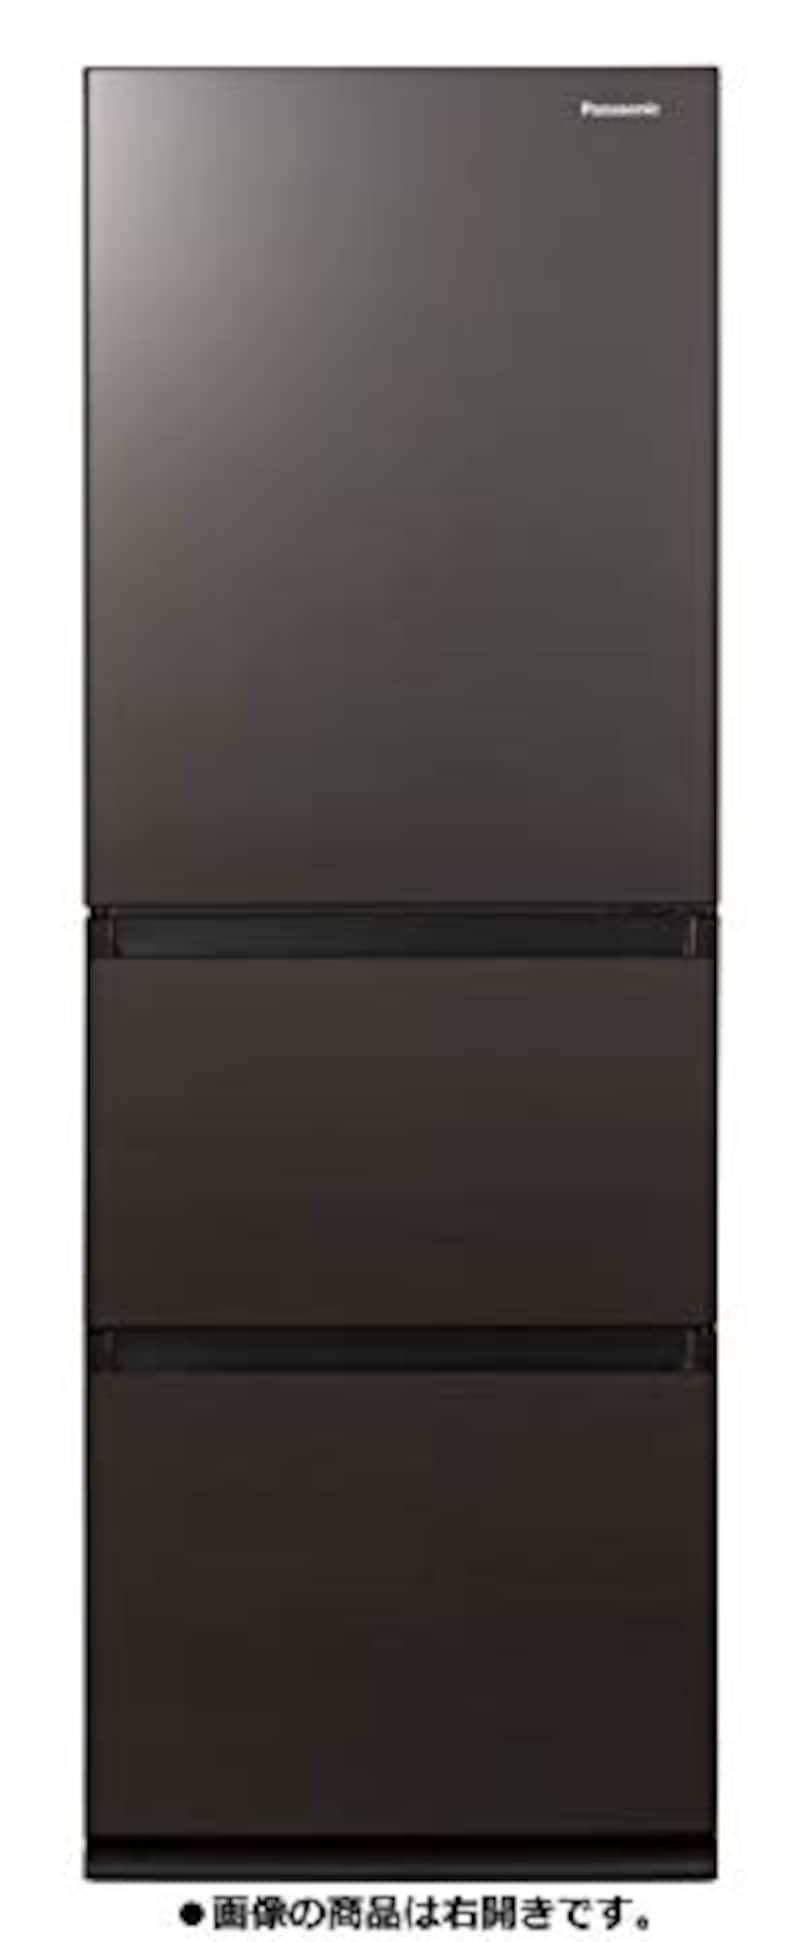 Panasonic(パナソニック),3ドア冷蔵庫,NR-C341GC